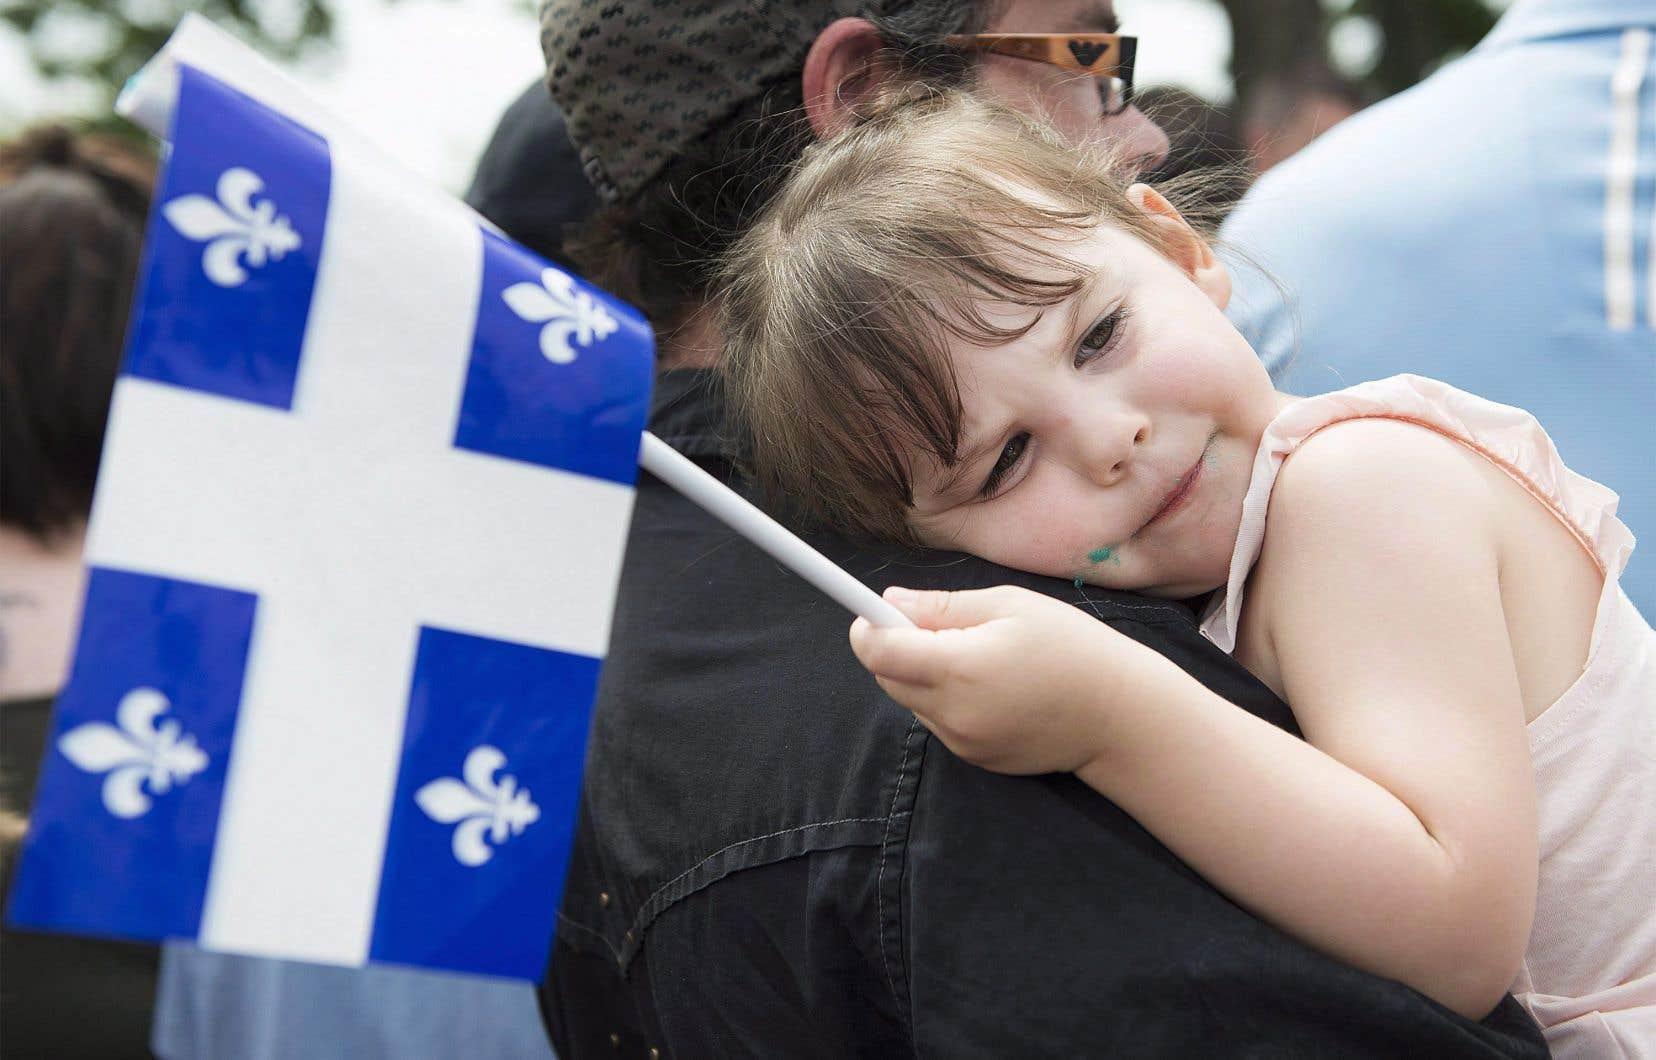 Si plus de 80% des jeunes francophones se considèrent d'abord comme Québécois, ils sont beaucoup moins nombreux à souhaiter l'indépendance du Québec.